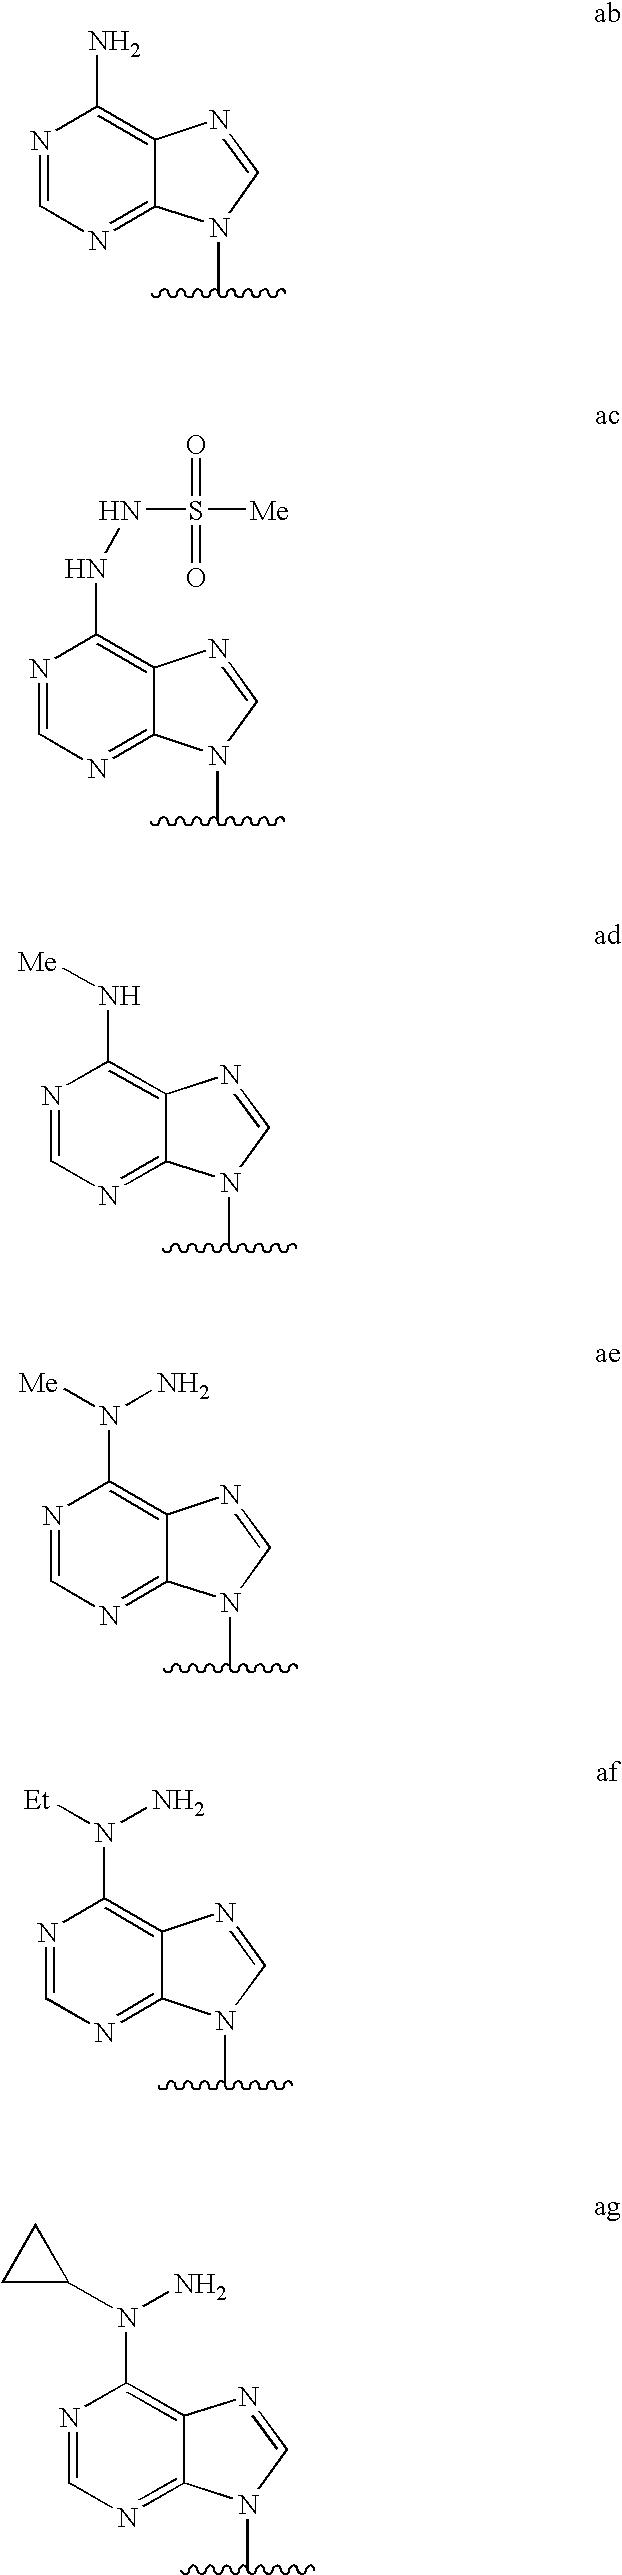 Figure US08173621-20120508-C00018